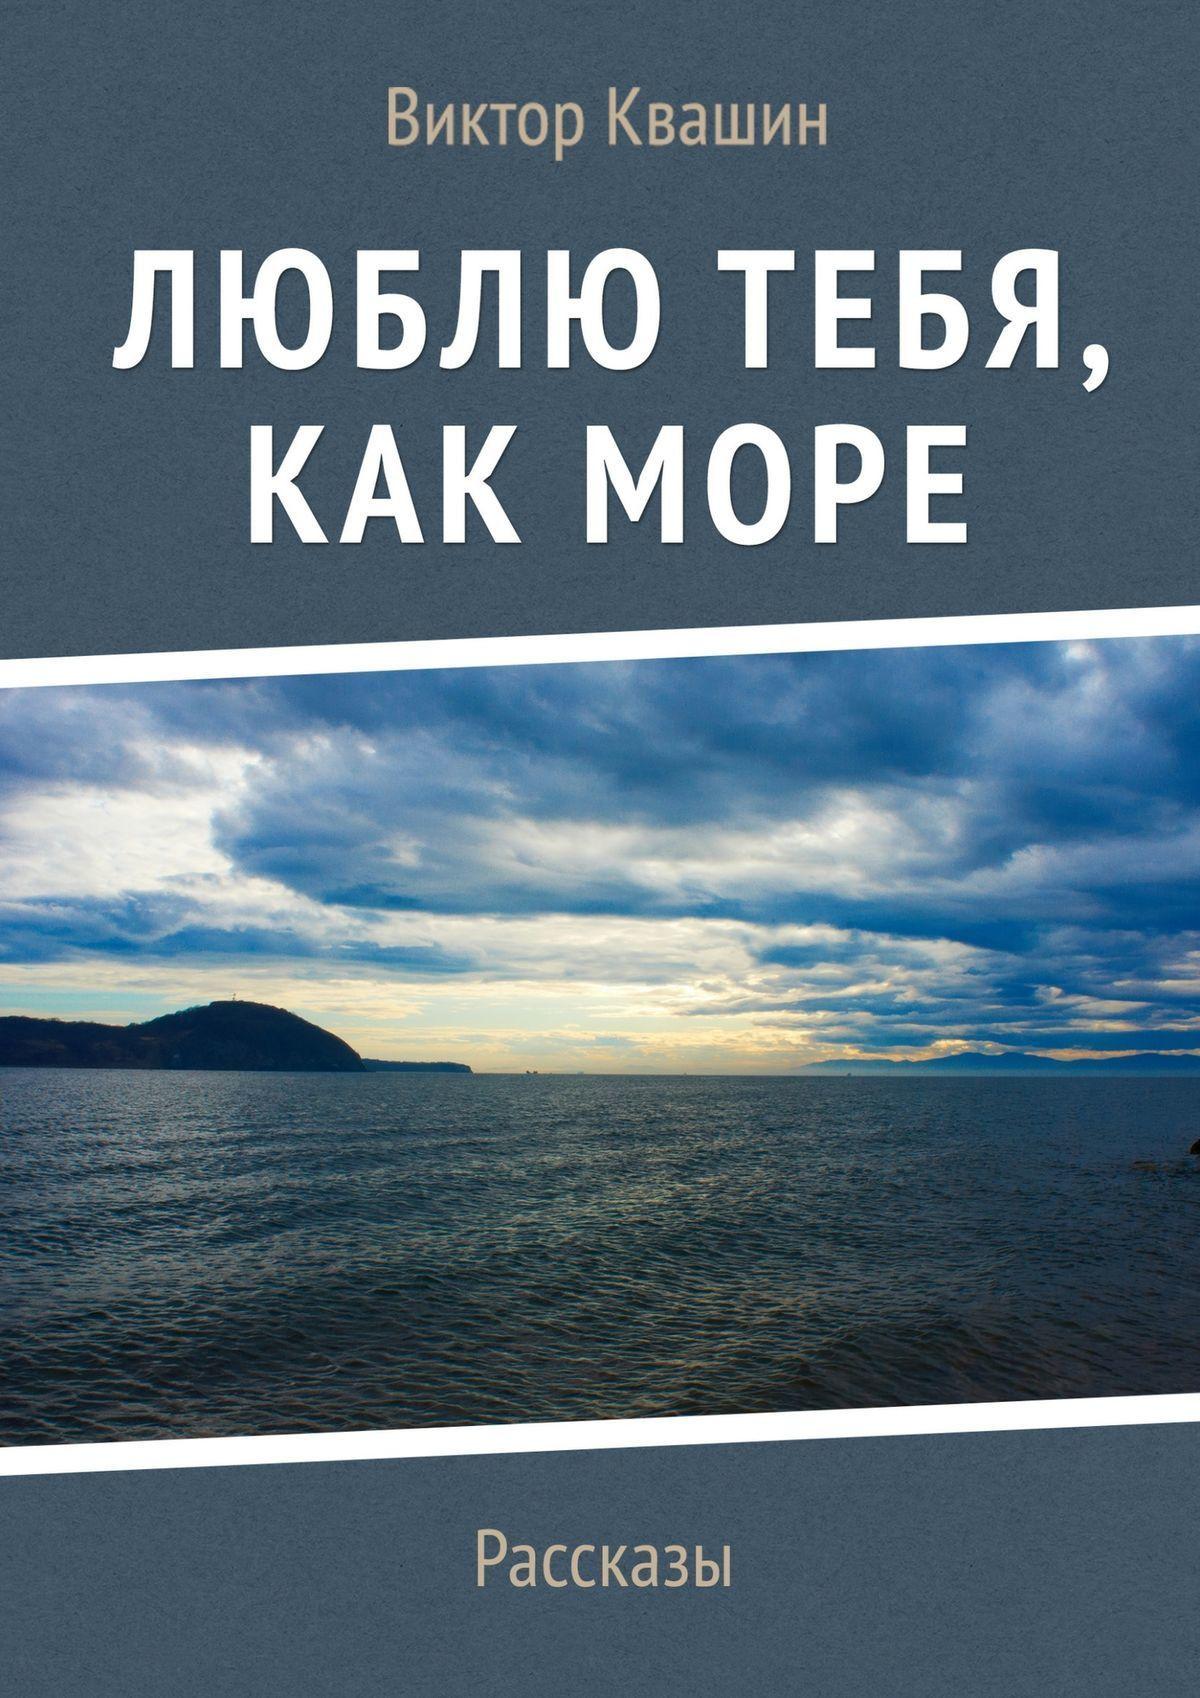 Виктор Квашин бесплатно